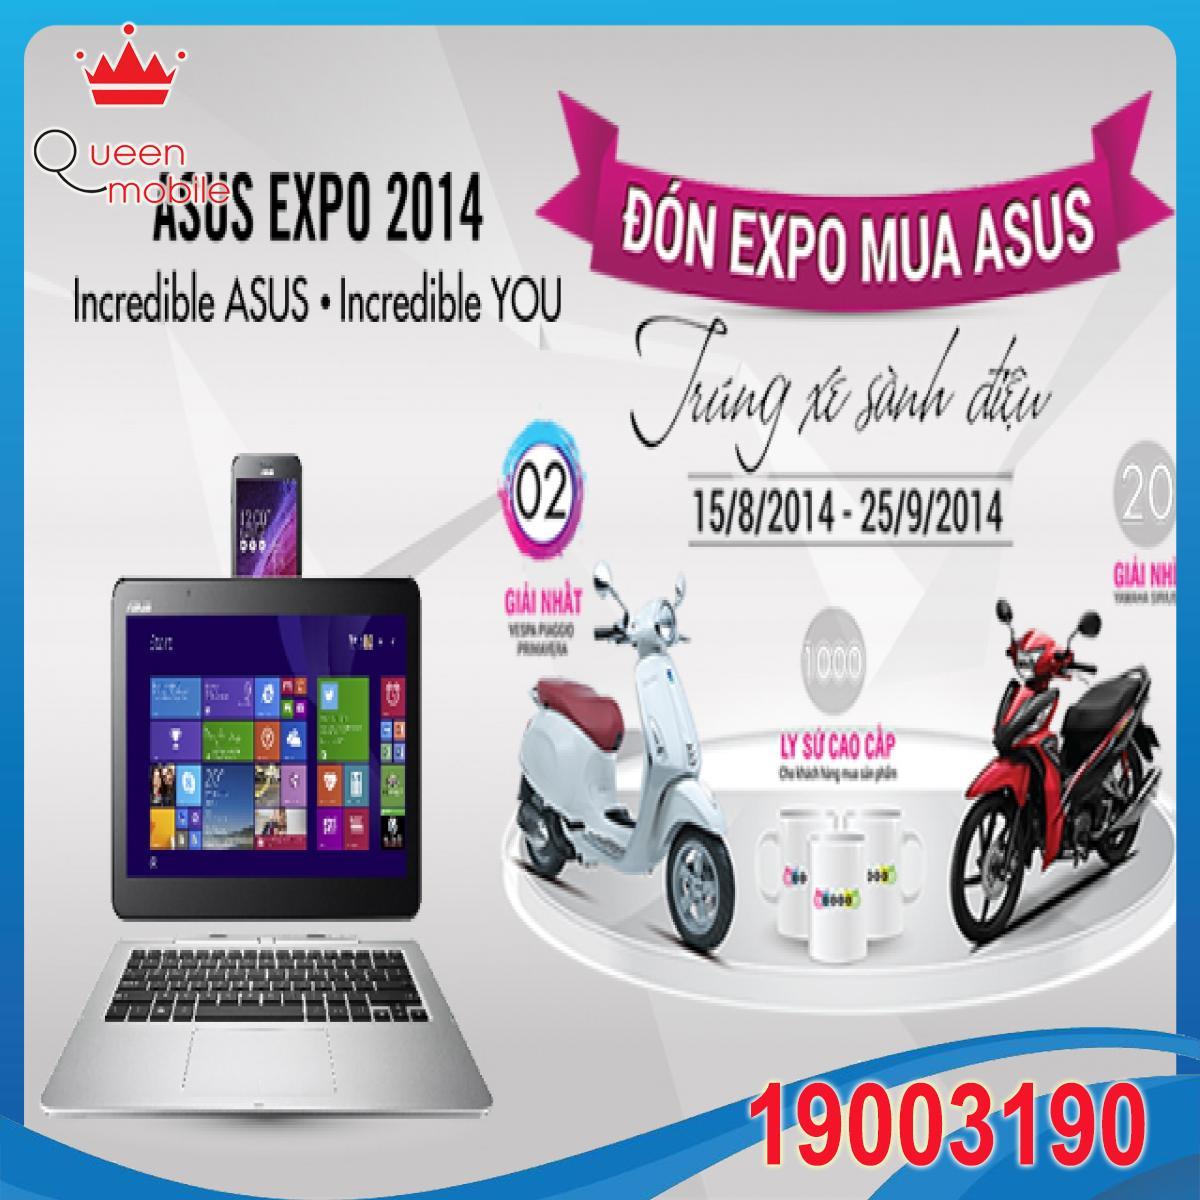 Chào đón Asus Expo mua Asus trúng xe sành điệu